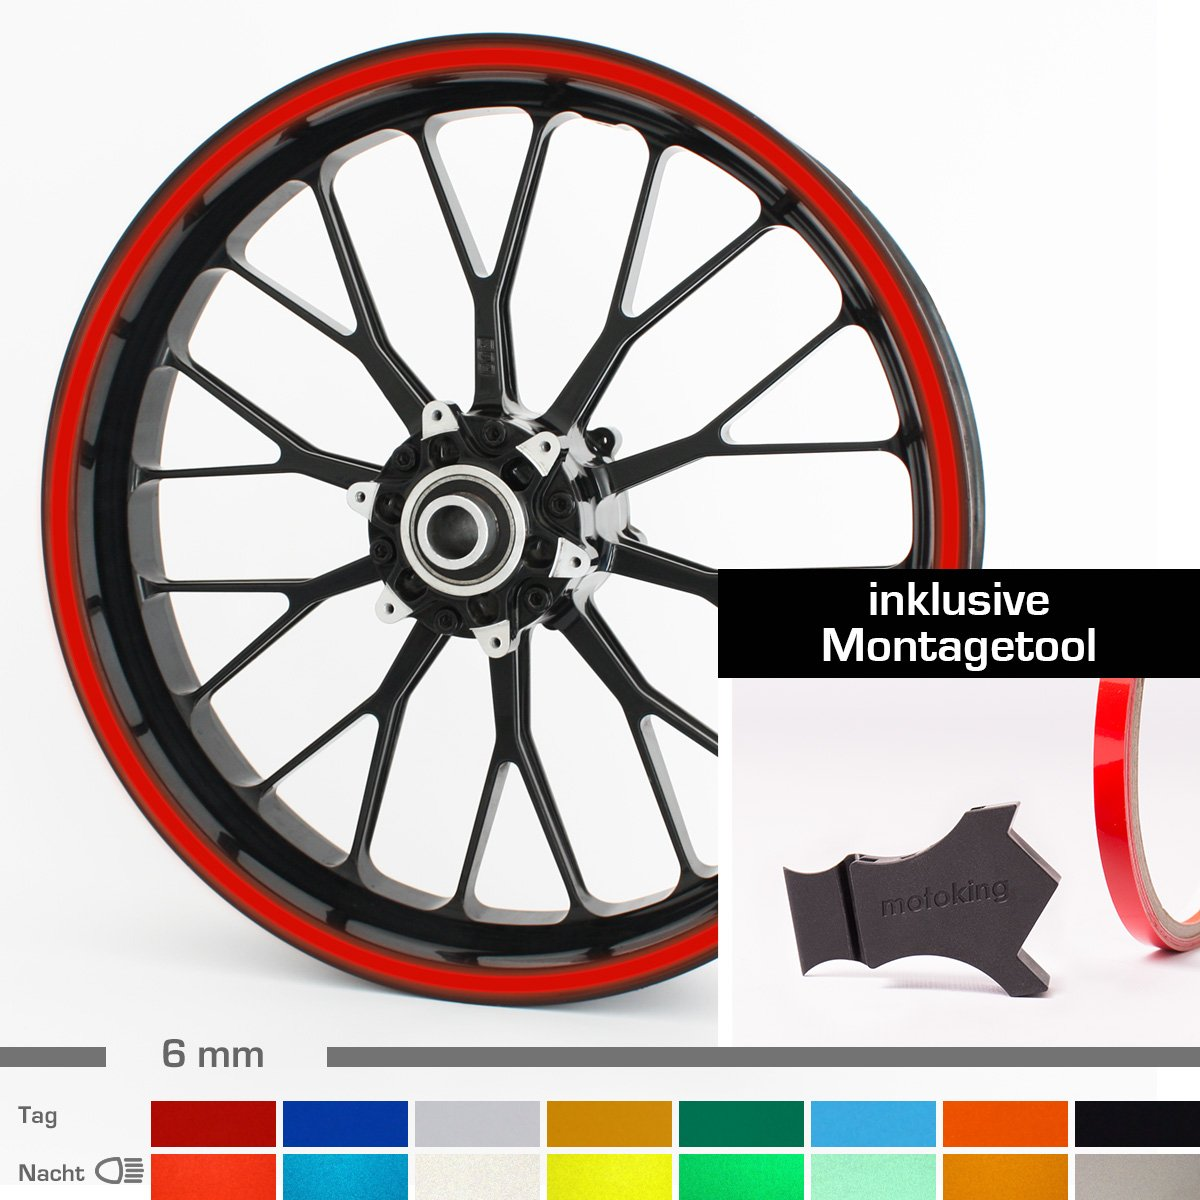 f/ür 10 bis 25 6 mm Farbe w/ählbar Motoking Felgenrandaufkleber mit Montagetool f/ür Ihr Motorrad